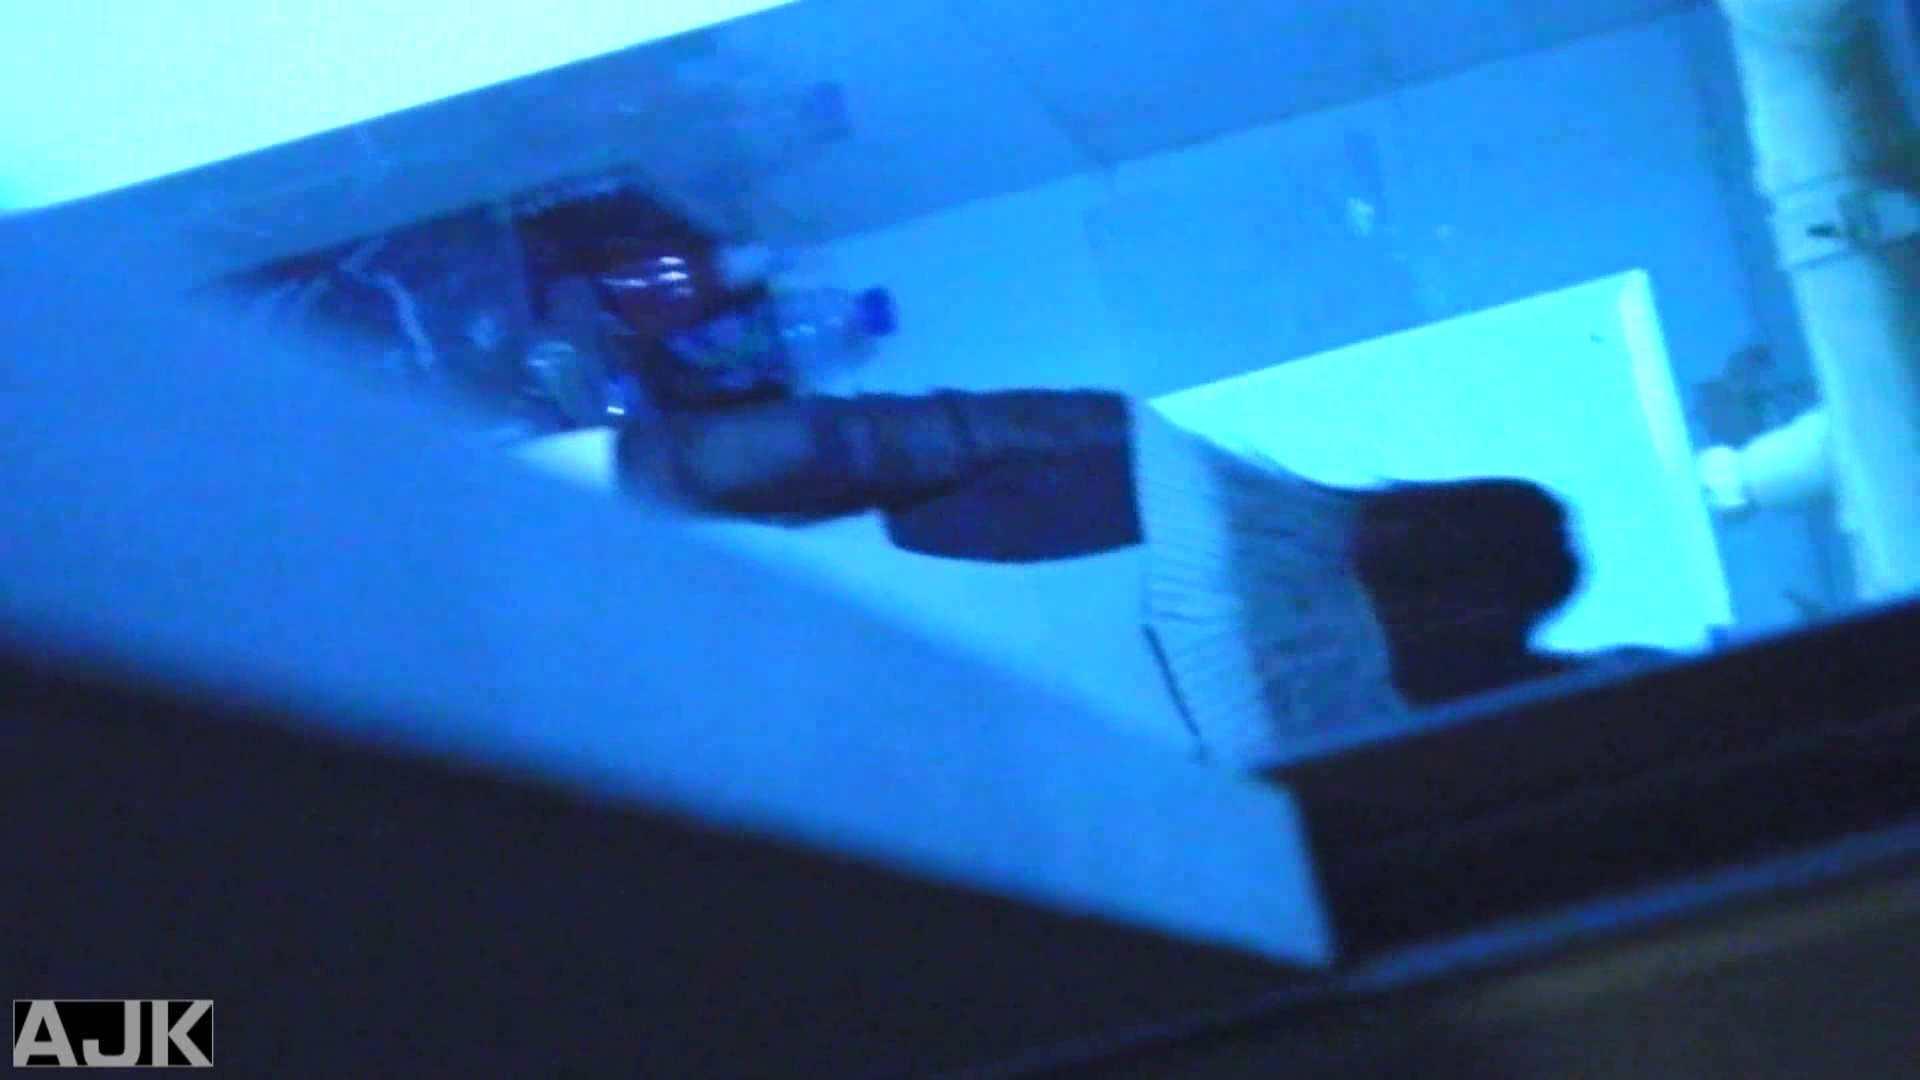 神降臨!史上最強の潜入かわや! vol.24 マンコ おまんこ無修正動画無料 87連発 74